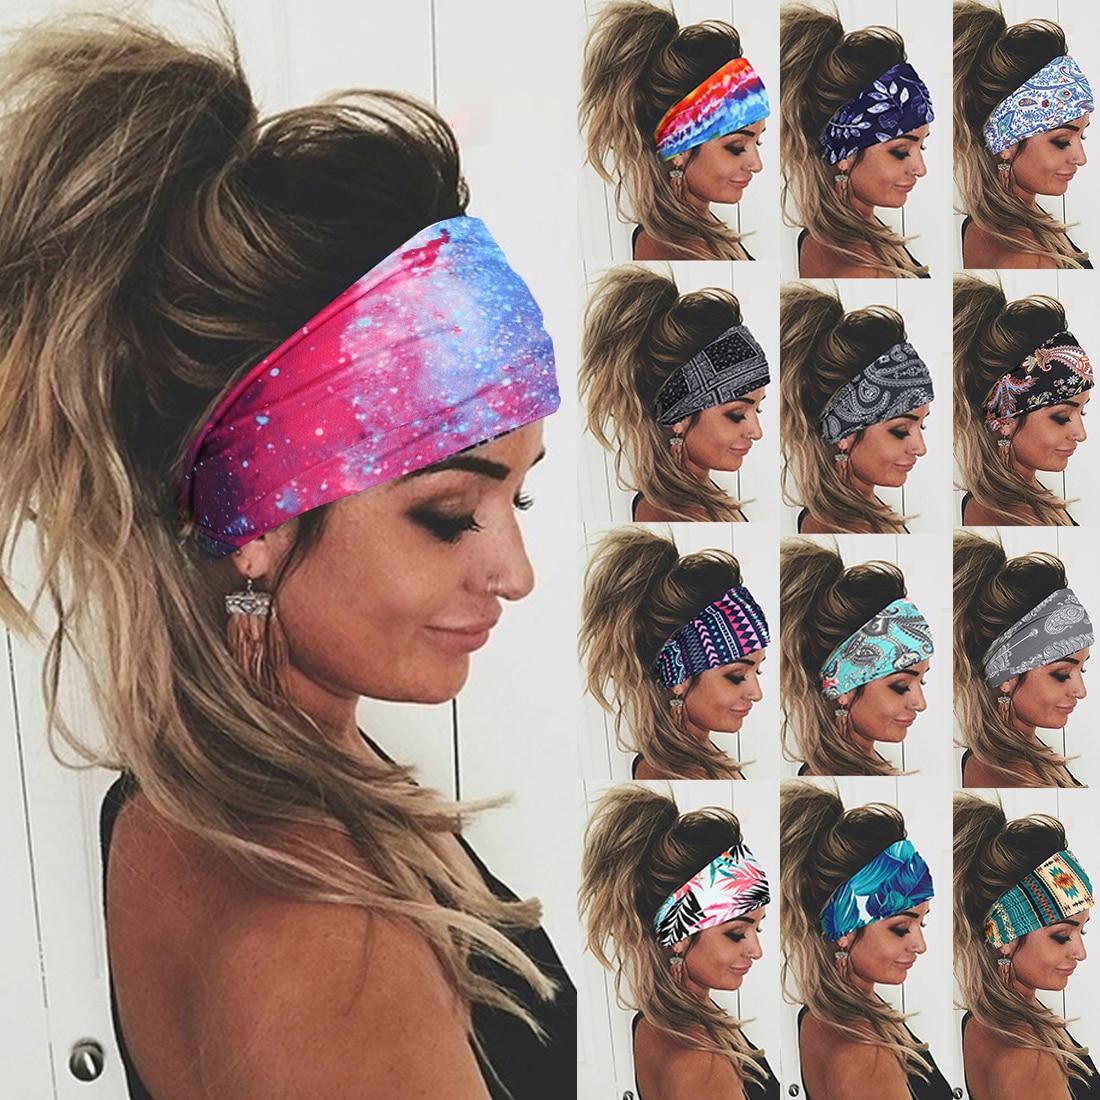 Повязка для волос Tie-dye женская, Спортивная эластичная резинка для волос для бега, тренажерного зала, велоспорта, нескользящая, спортивная